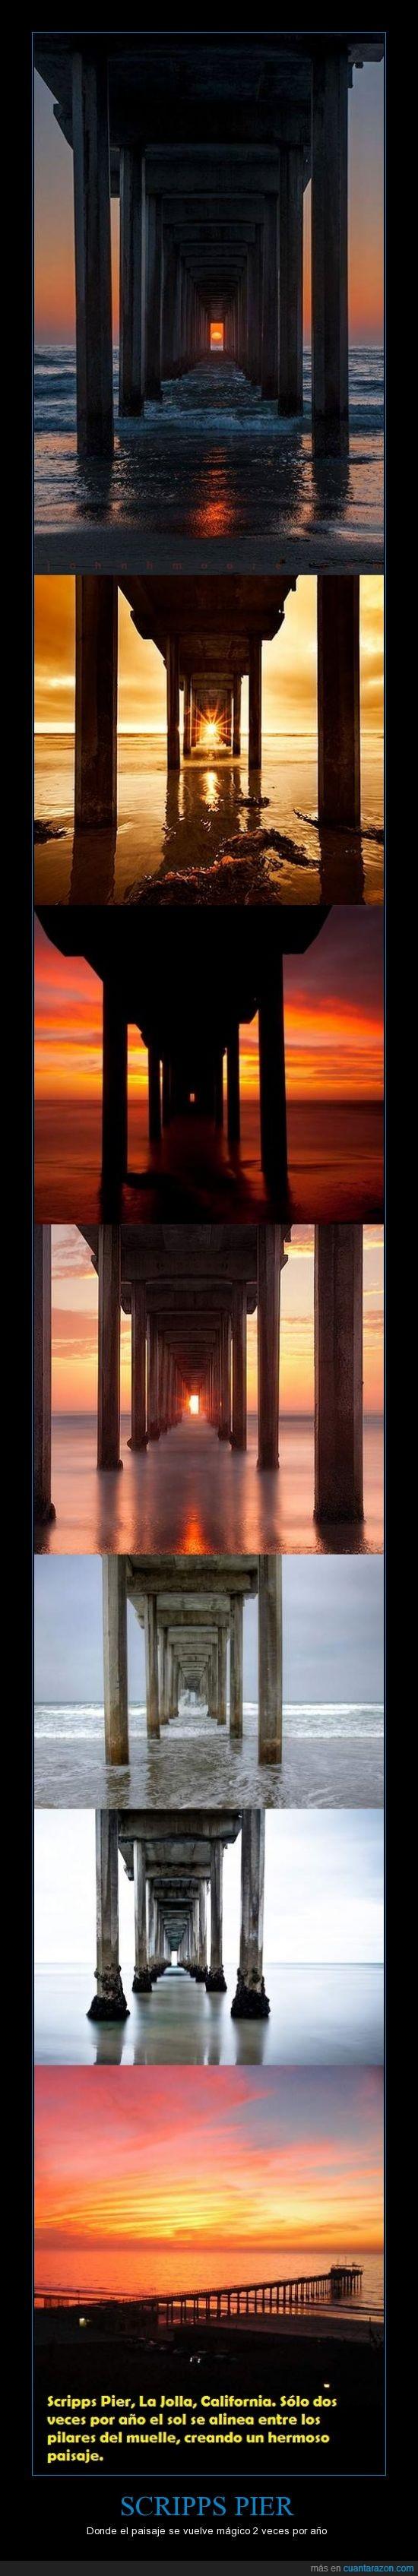 California,La joya,muelle,Paiaje,Scripps Pier,sol